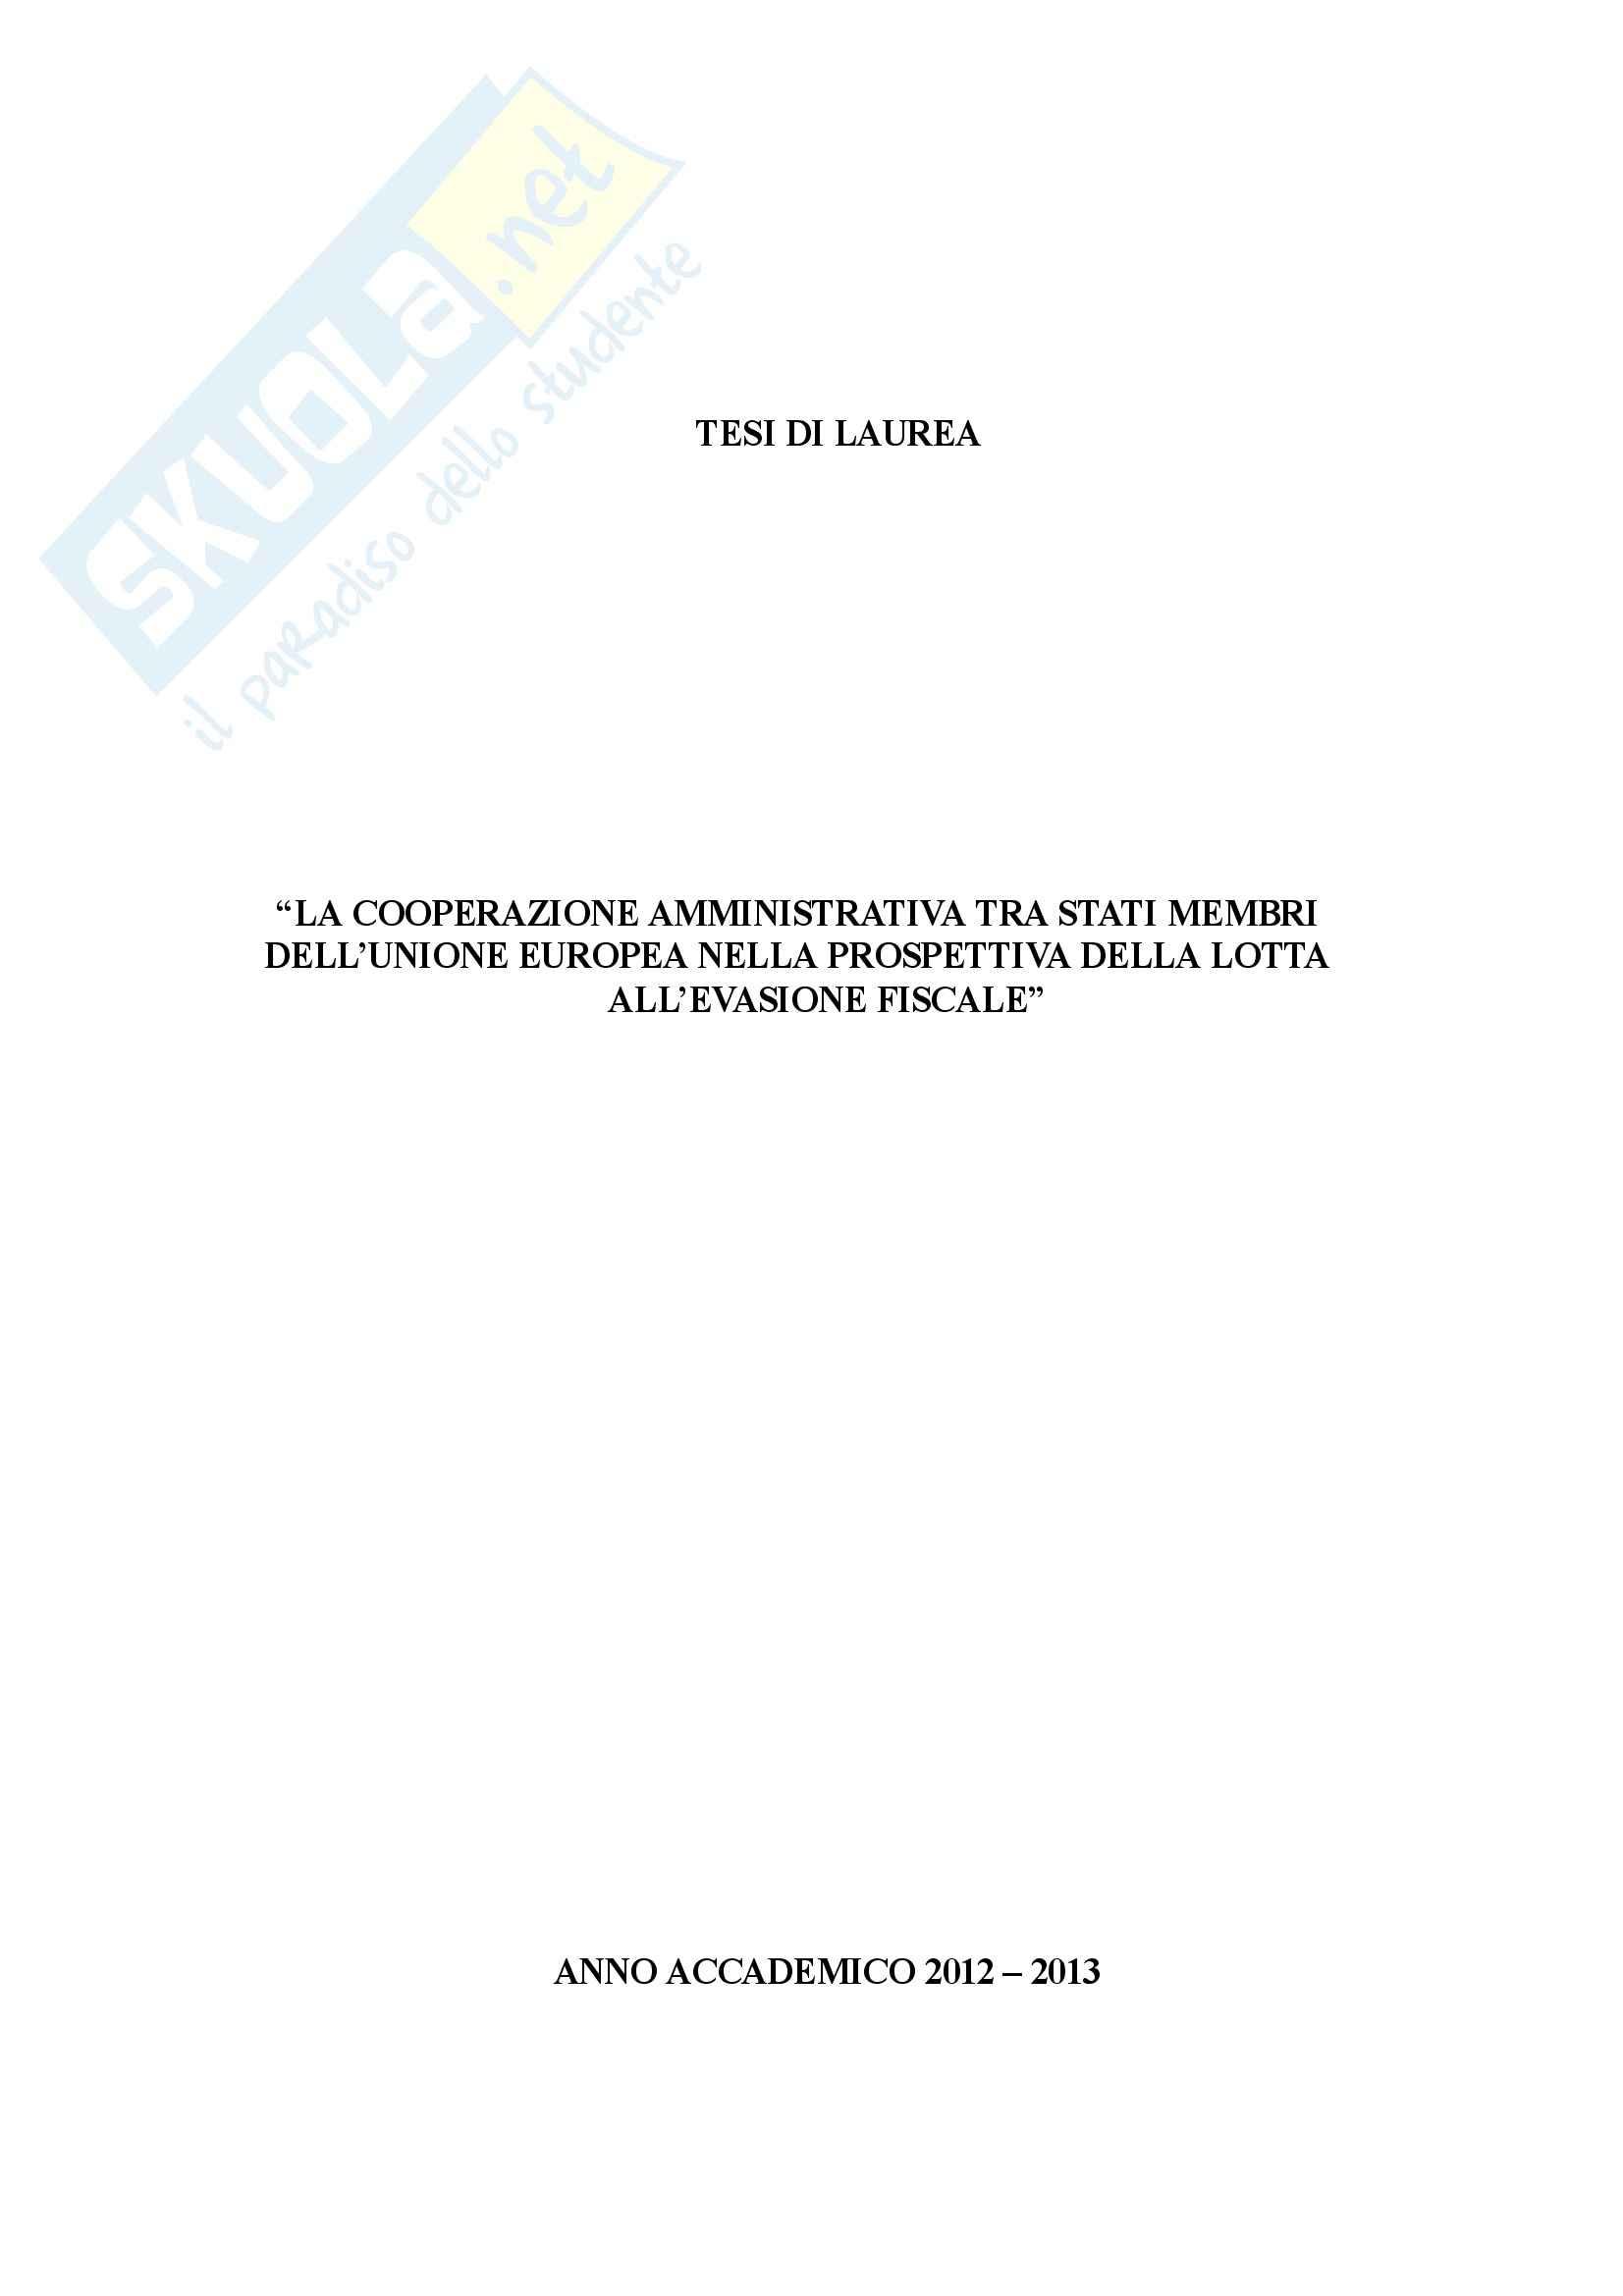 La cooperazione amministrativa tra gli Stati membri dell'Unione Europea, Diritto